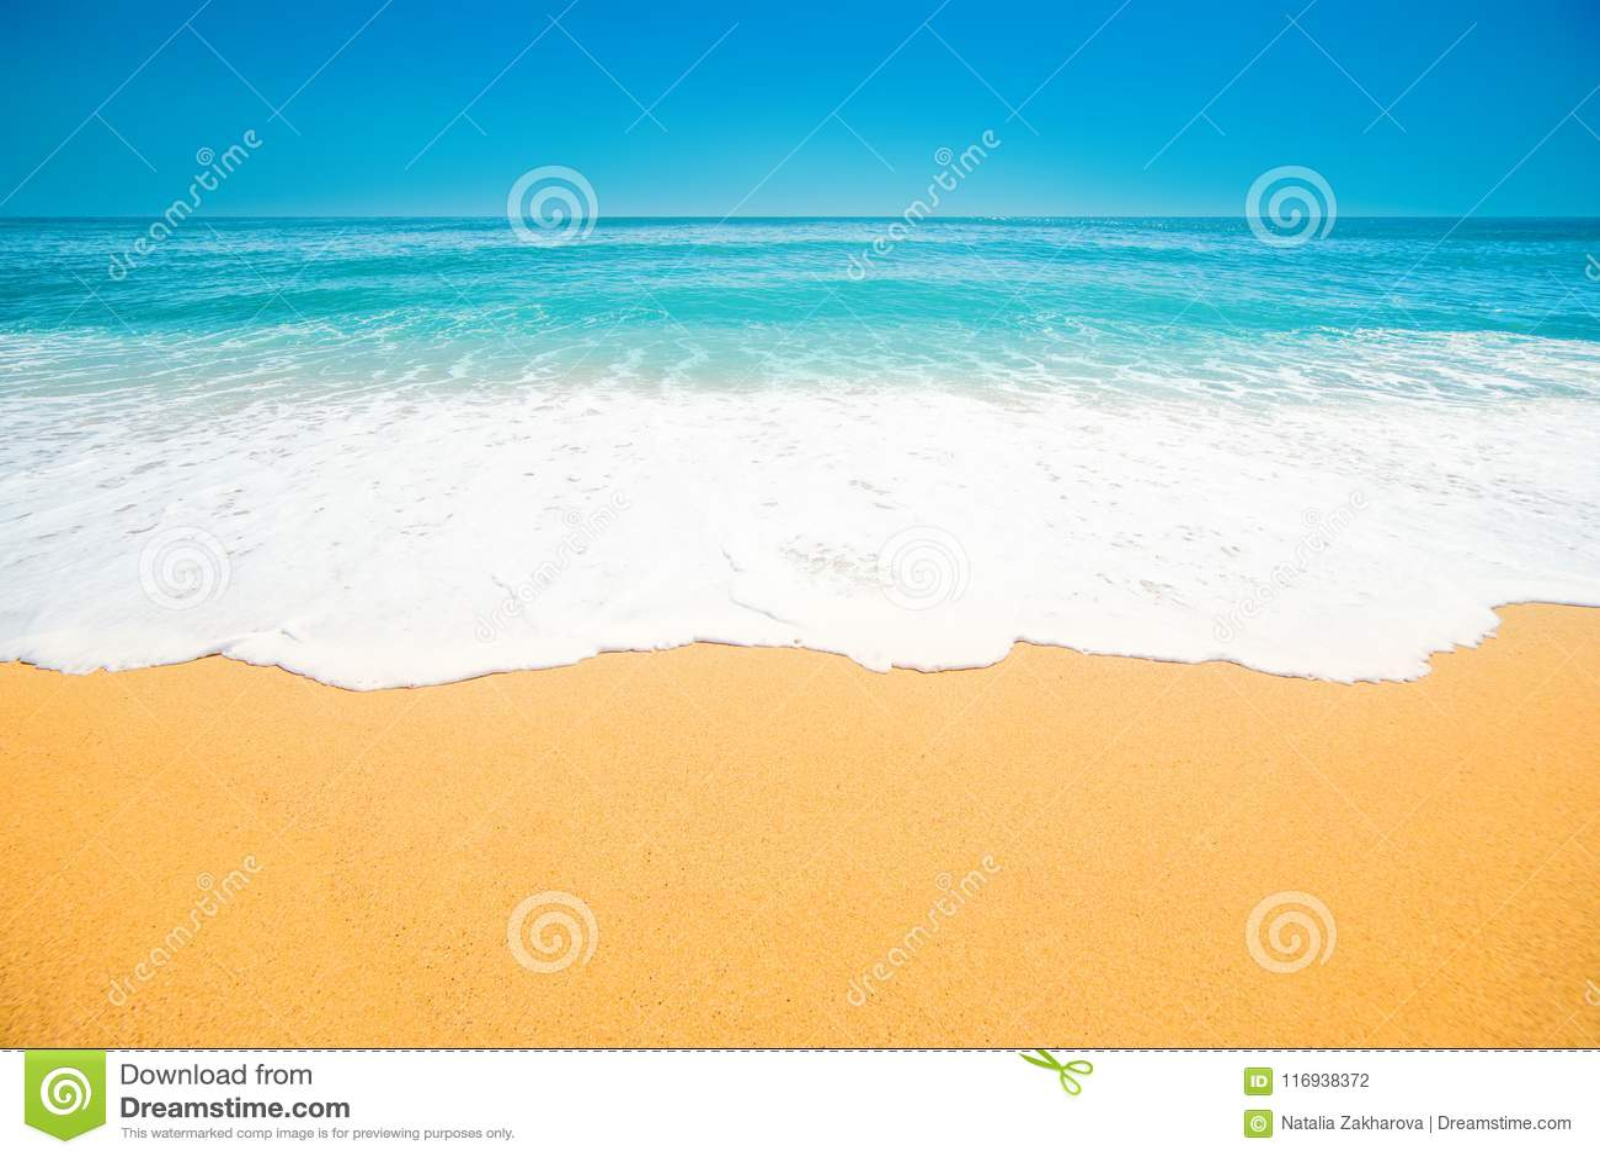 Praia tropical bonita com a onda macia do oceano azul, areia e